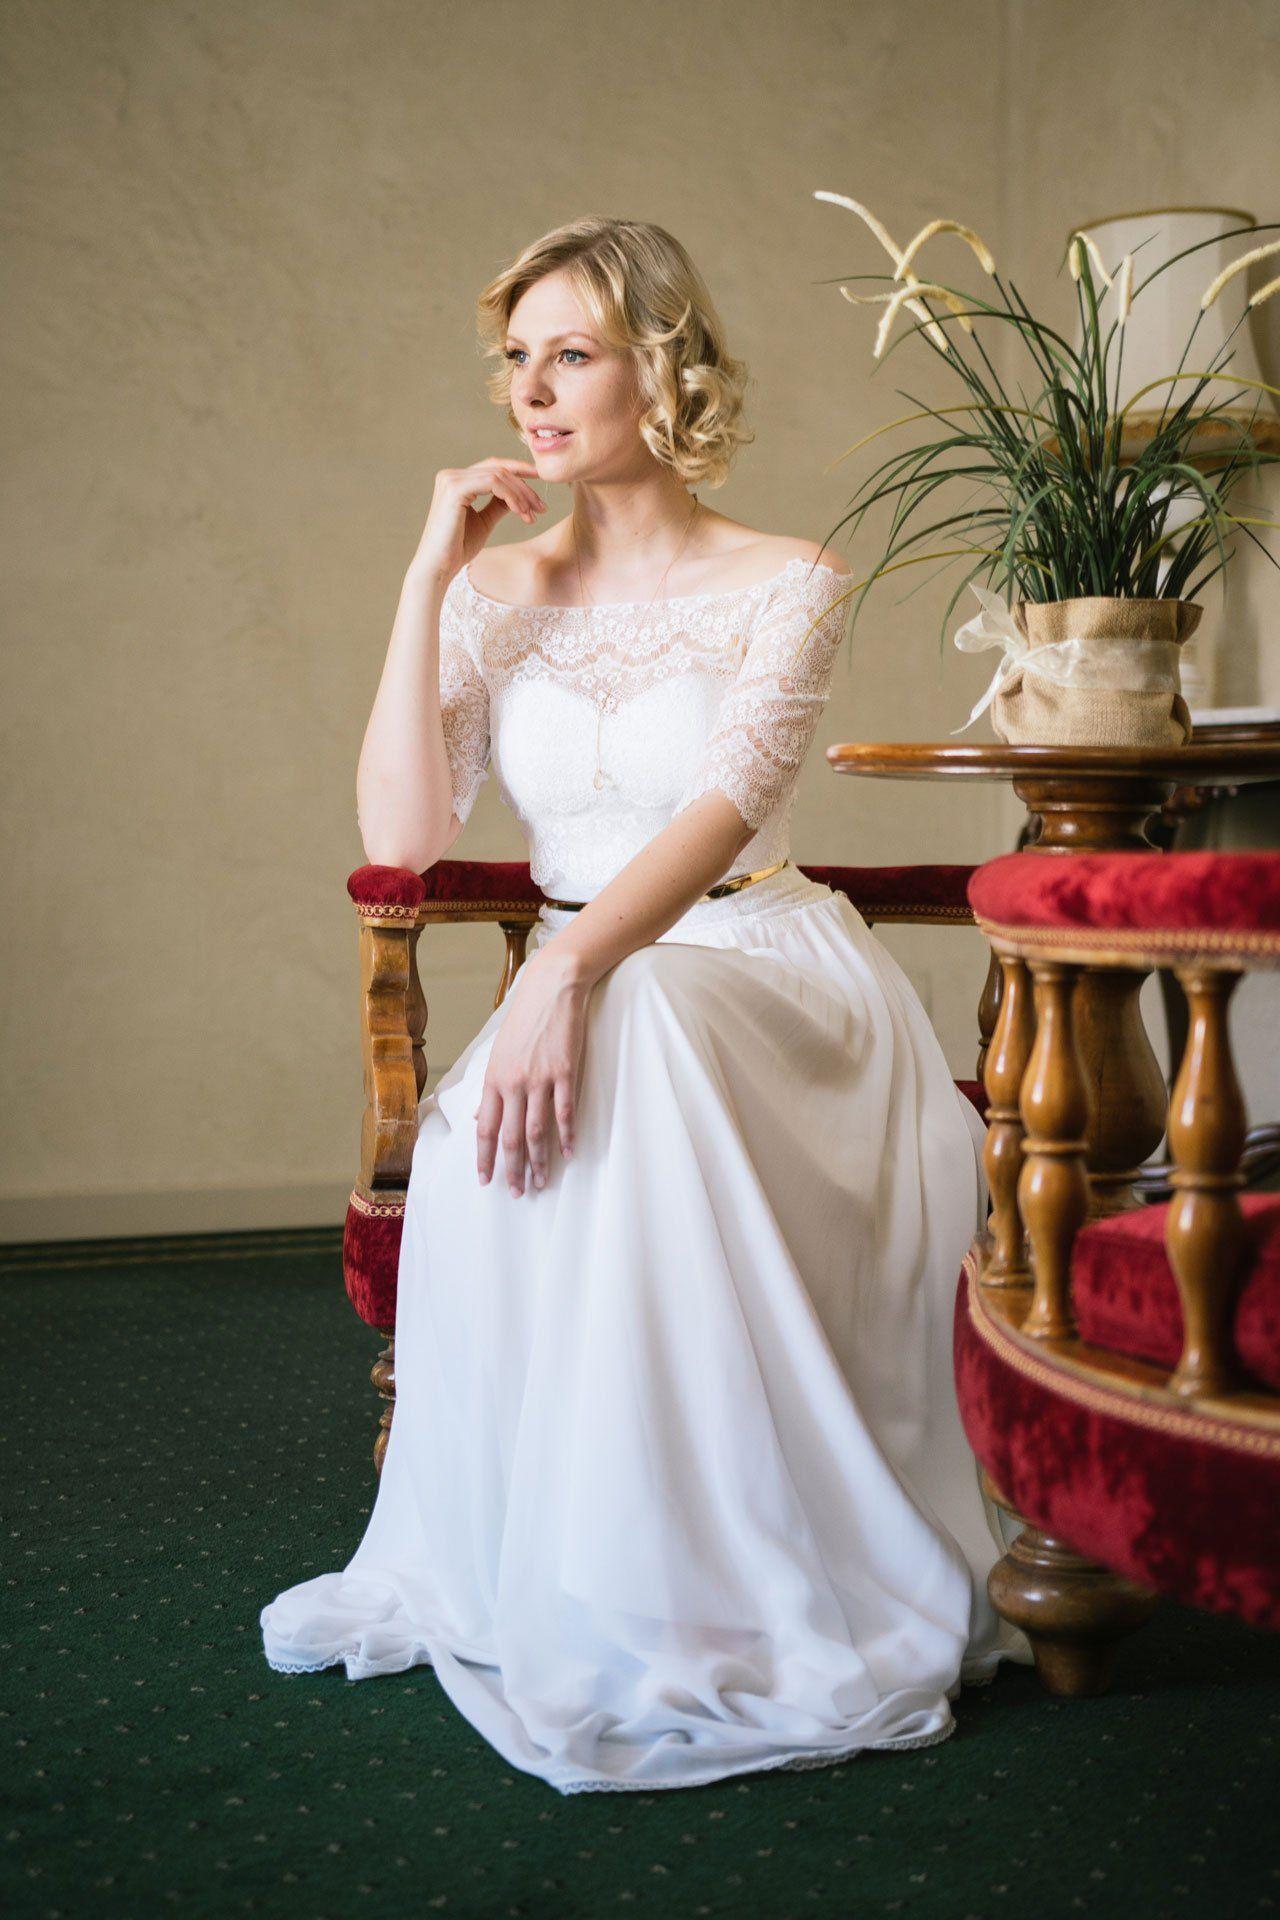 Brautkleid 20er Jahre Stil Mit Spitzenbolero Festliche Kleider